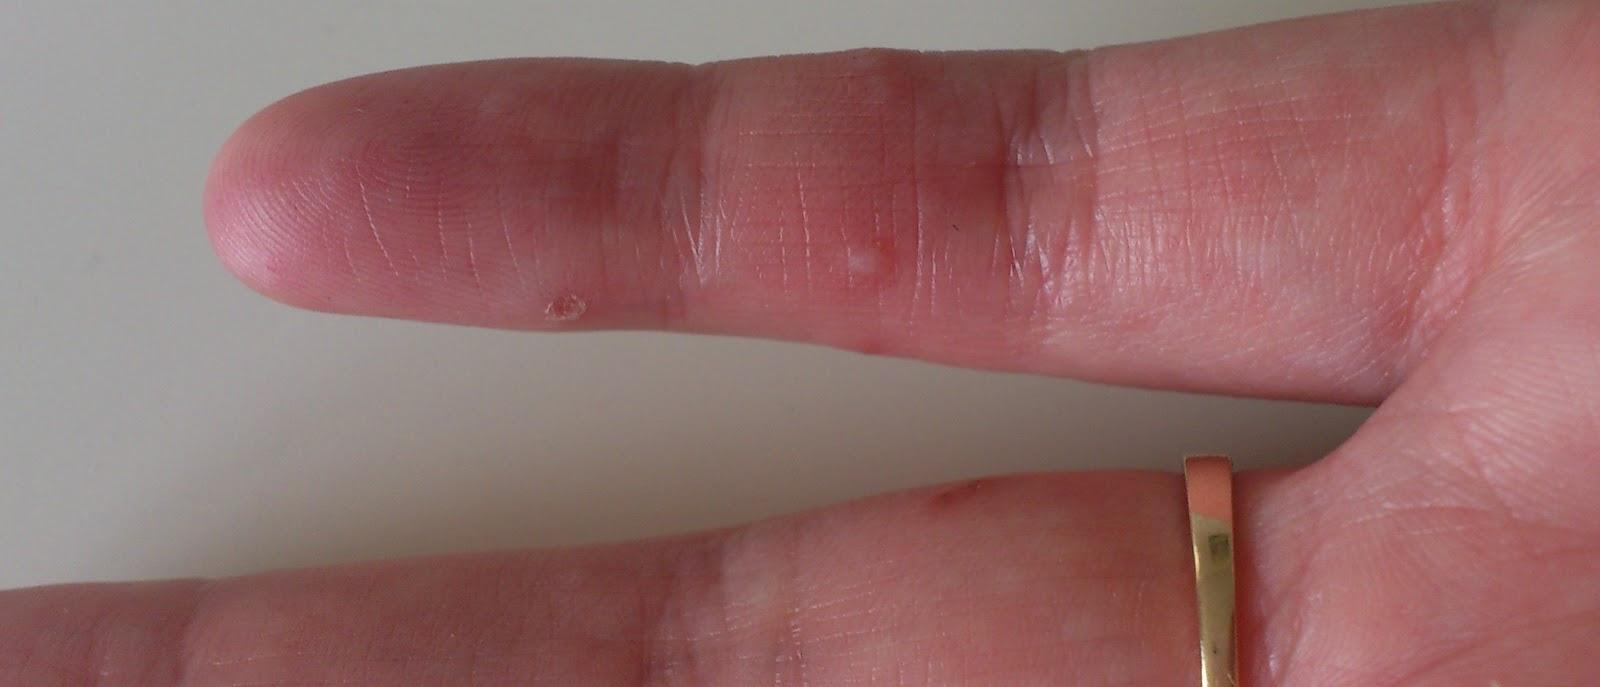 svamp på hænderne billeder